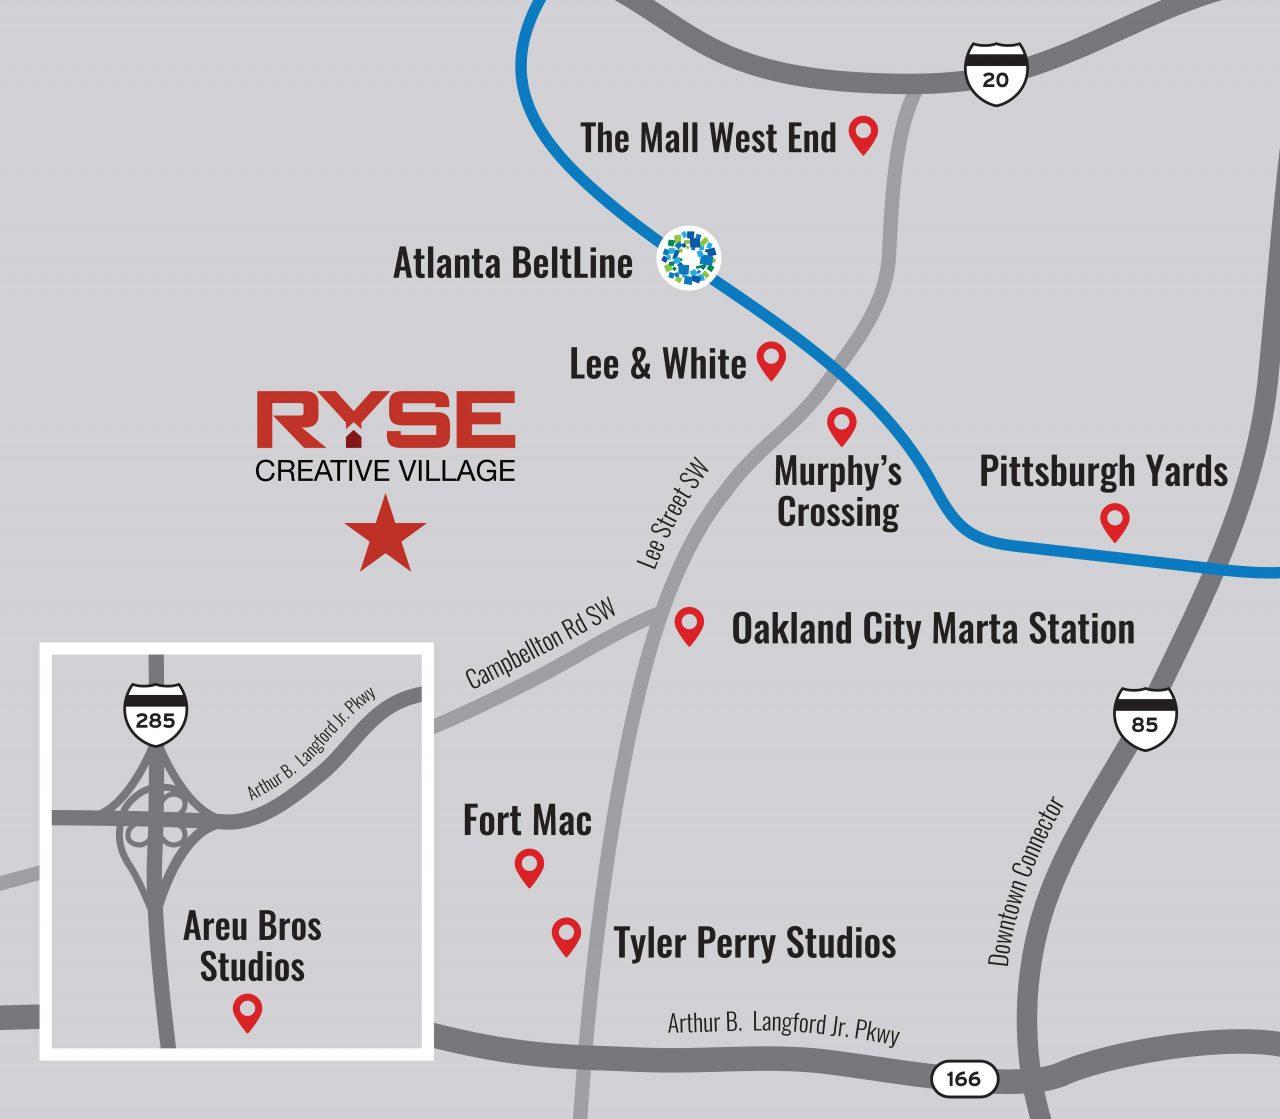 https://rysecreativevillage.com/wp-content/uploads/2020/07/RYSE_Map-1-1280x1119.jpg